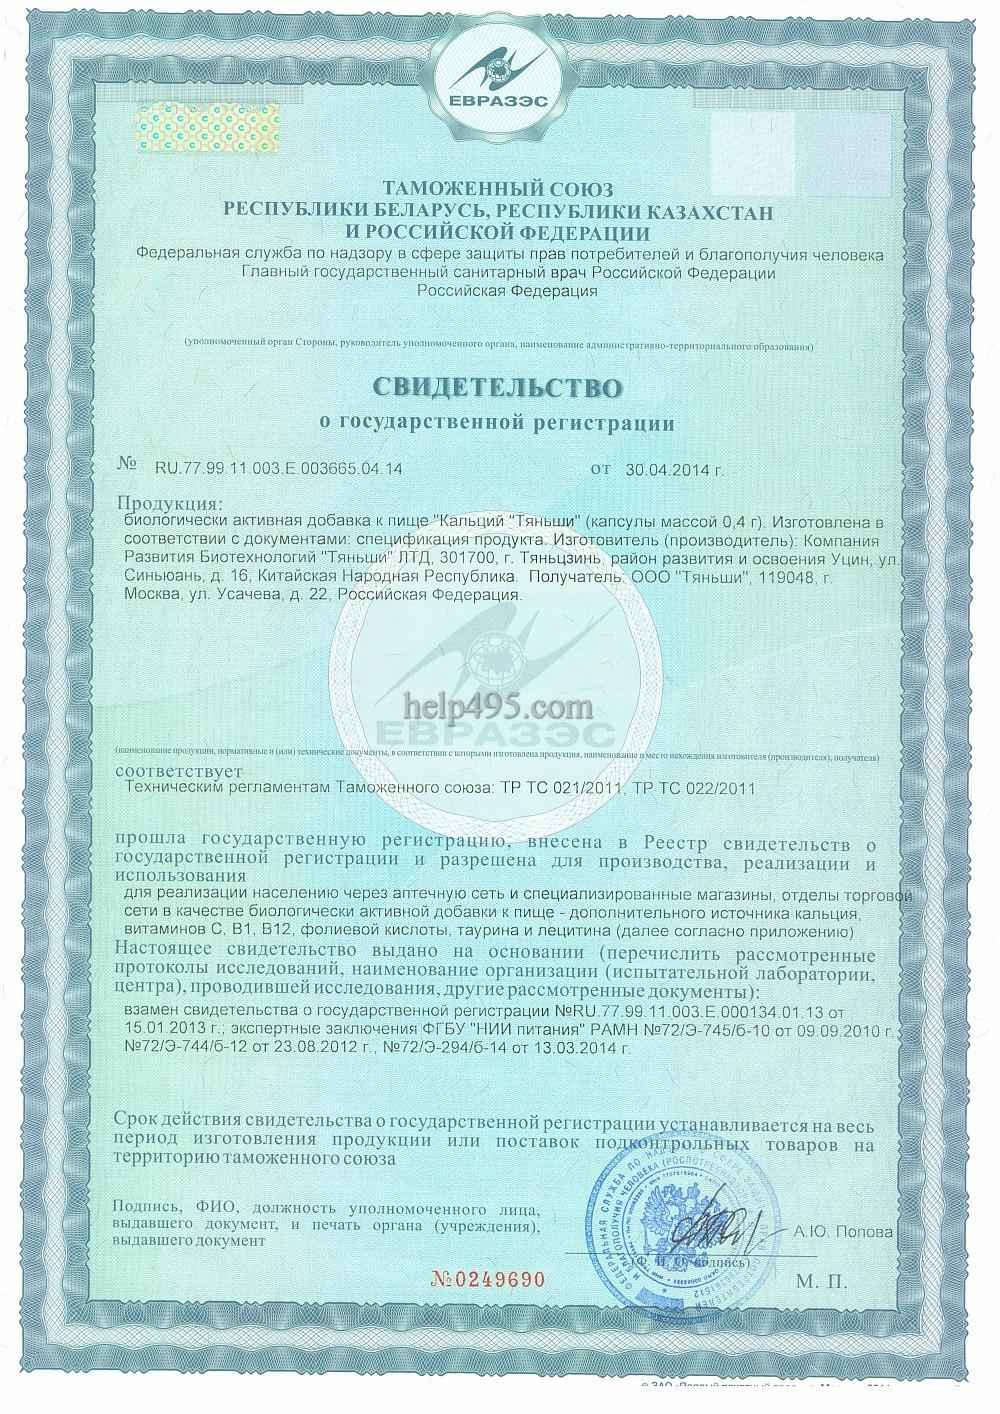 1-ая стр. сертификата препарата: Кальций Тяньши